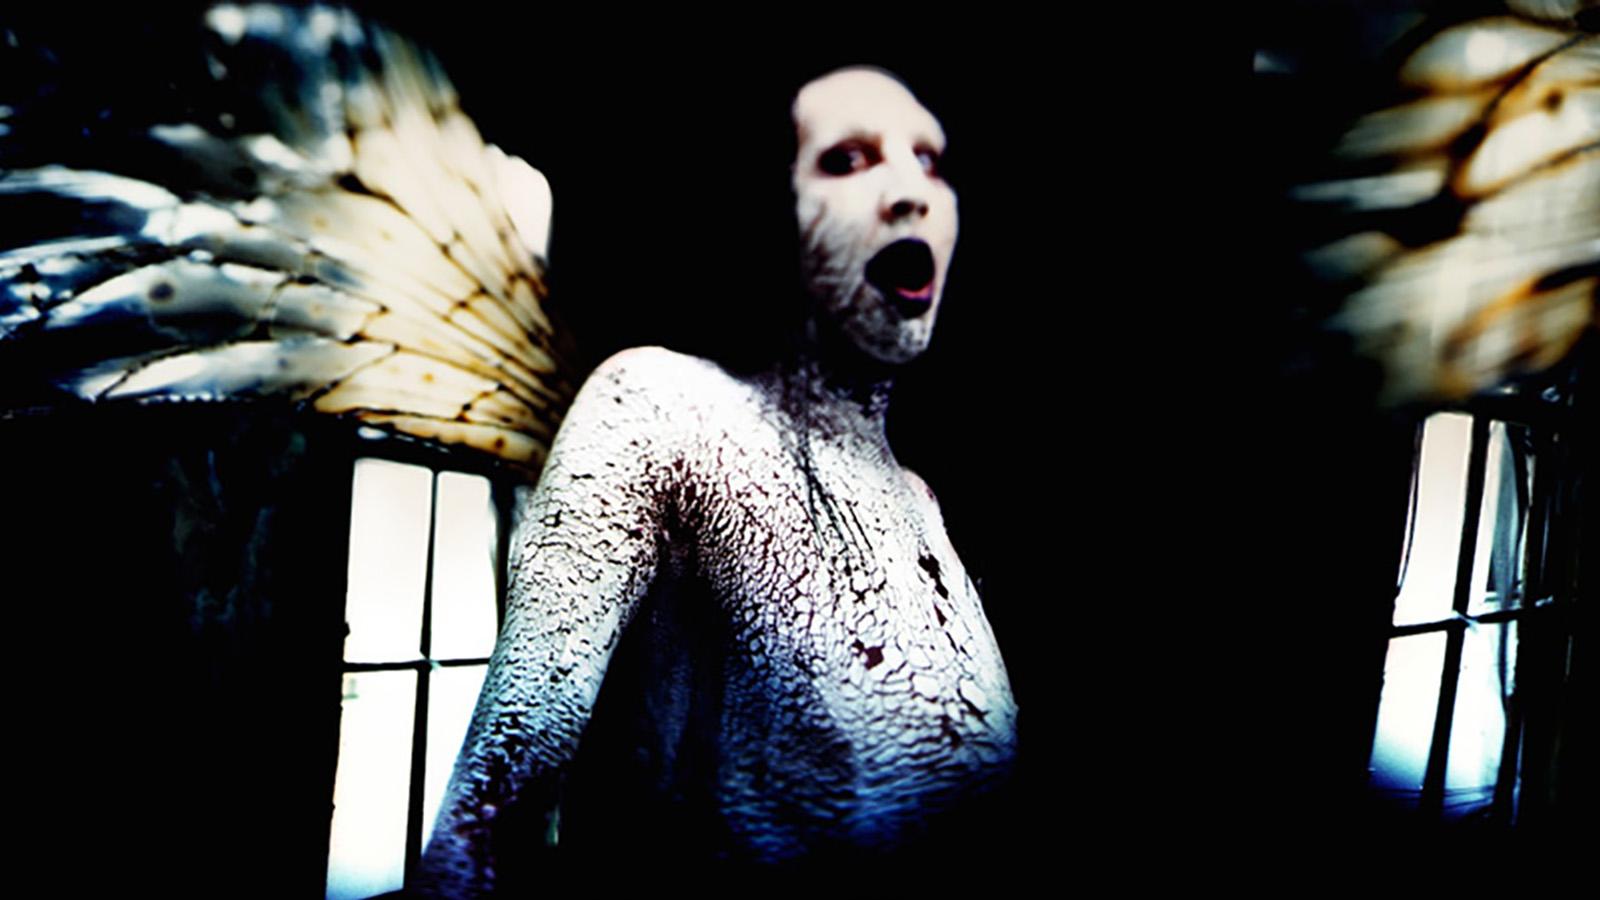 Marilyn Manson Antichrist Superstar Artwork